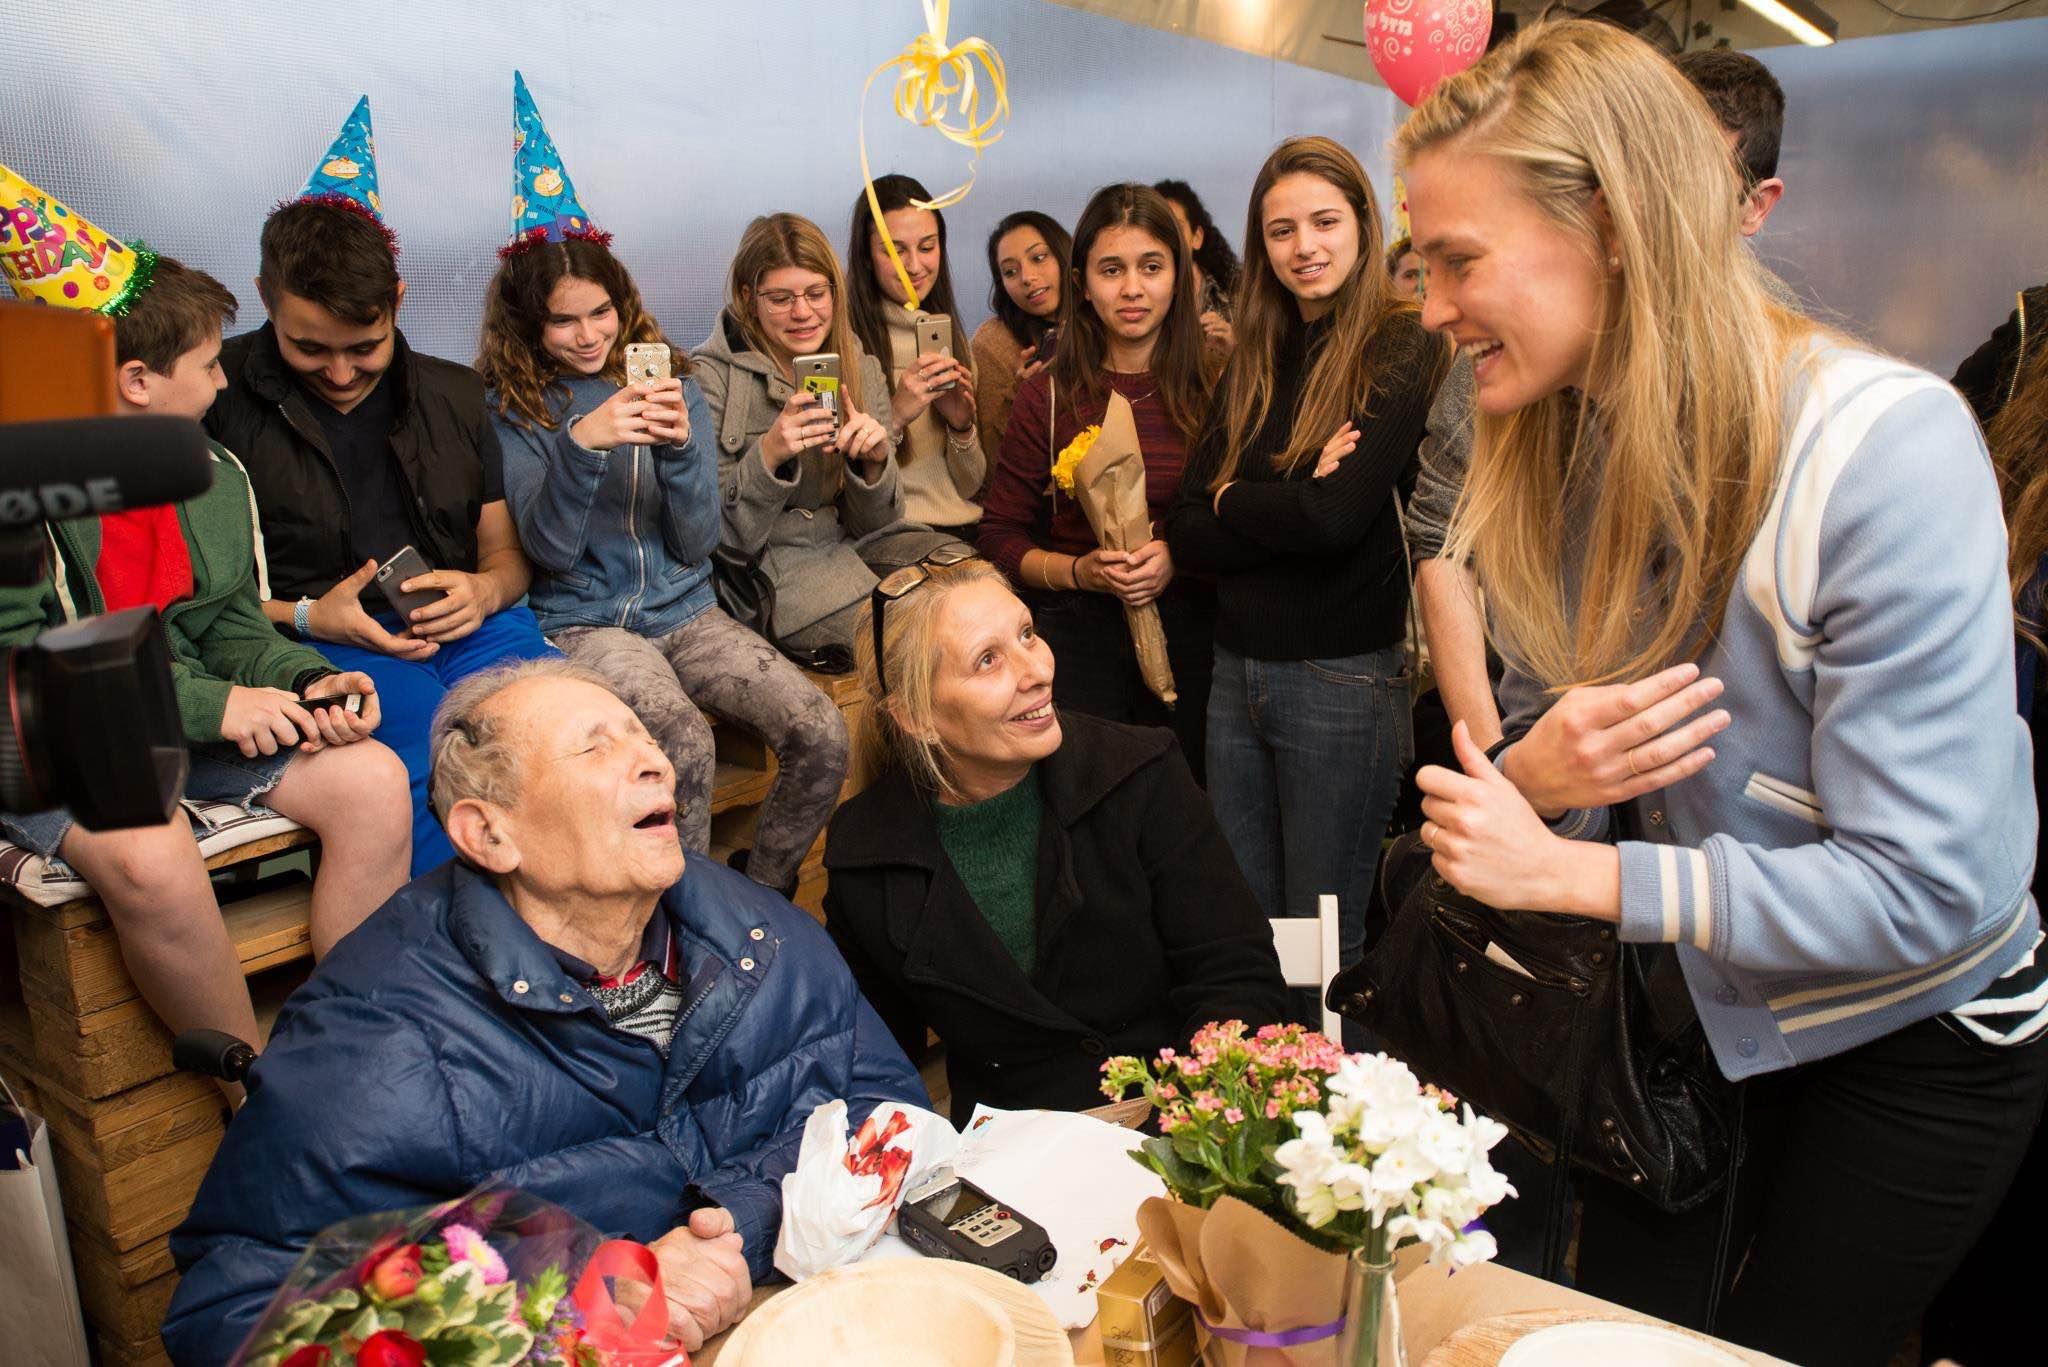 Dank der Organisation feiert der erblindete Überlebende Ernest Weiner seinen 92. Geburtstag ganz gross – und mit Besuch vom israelischen Supermodel Bar Rafaeli (Bild: Facebook-Seite der Gesellschaft für sofortige Hilfe für Holocaust-Überlebende)